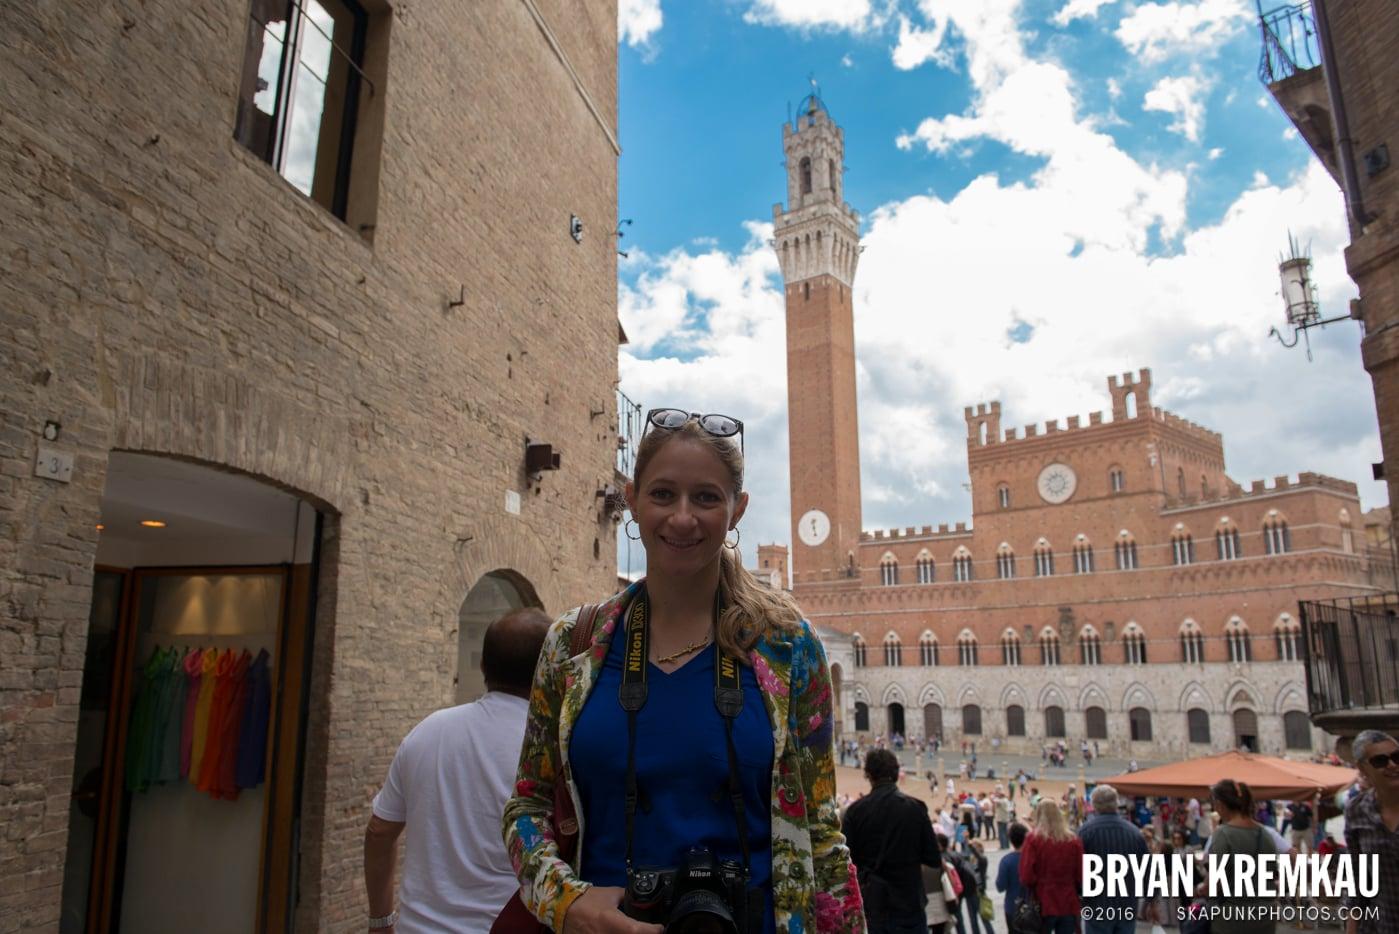 Italy Vacation - Day 8: Siena, San Gimignano, Chianti, Pisa - 9.16.13 (121)